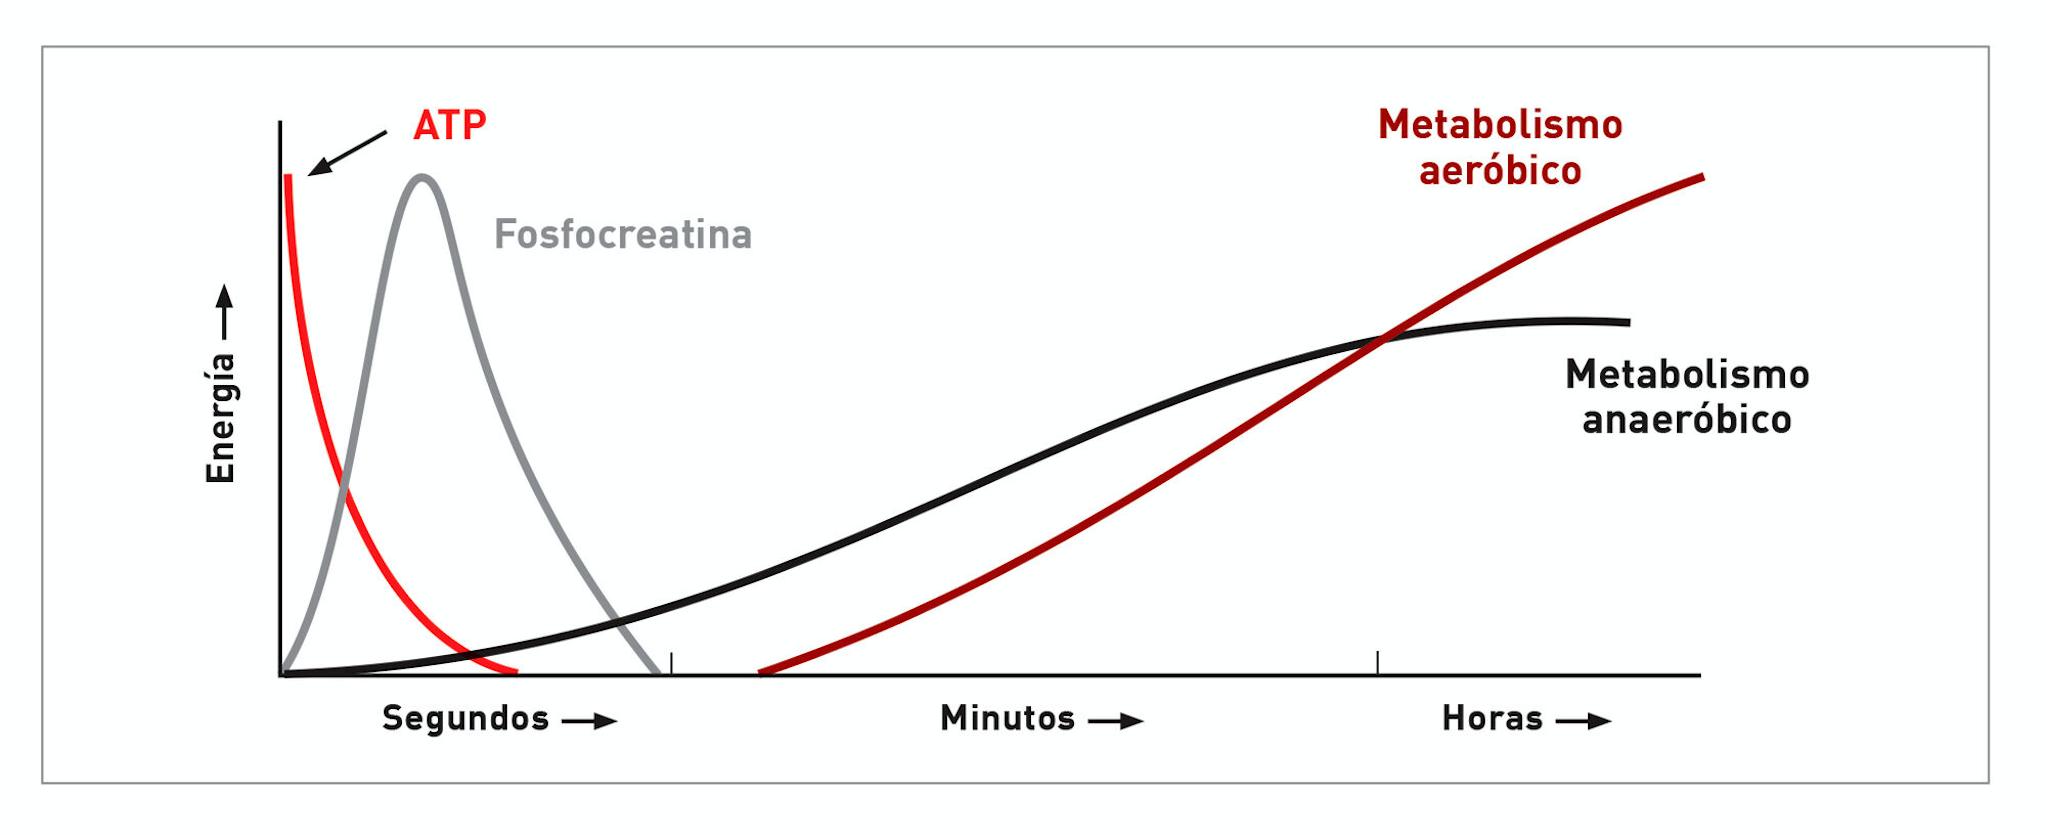 Diagrama mostrando las diferentes fuentes de energía a lo largo del tiempo durante el ejercicio.